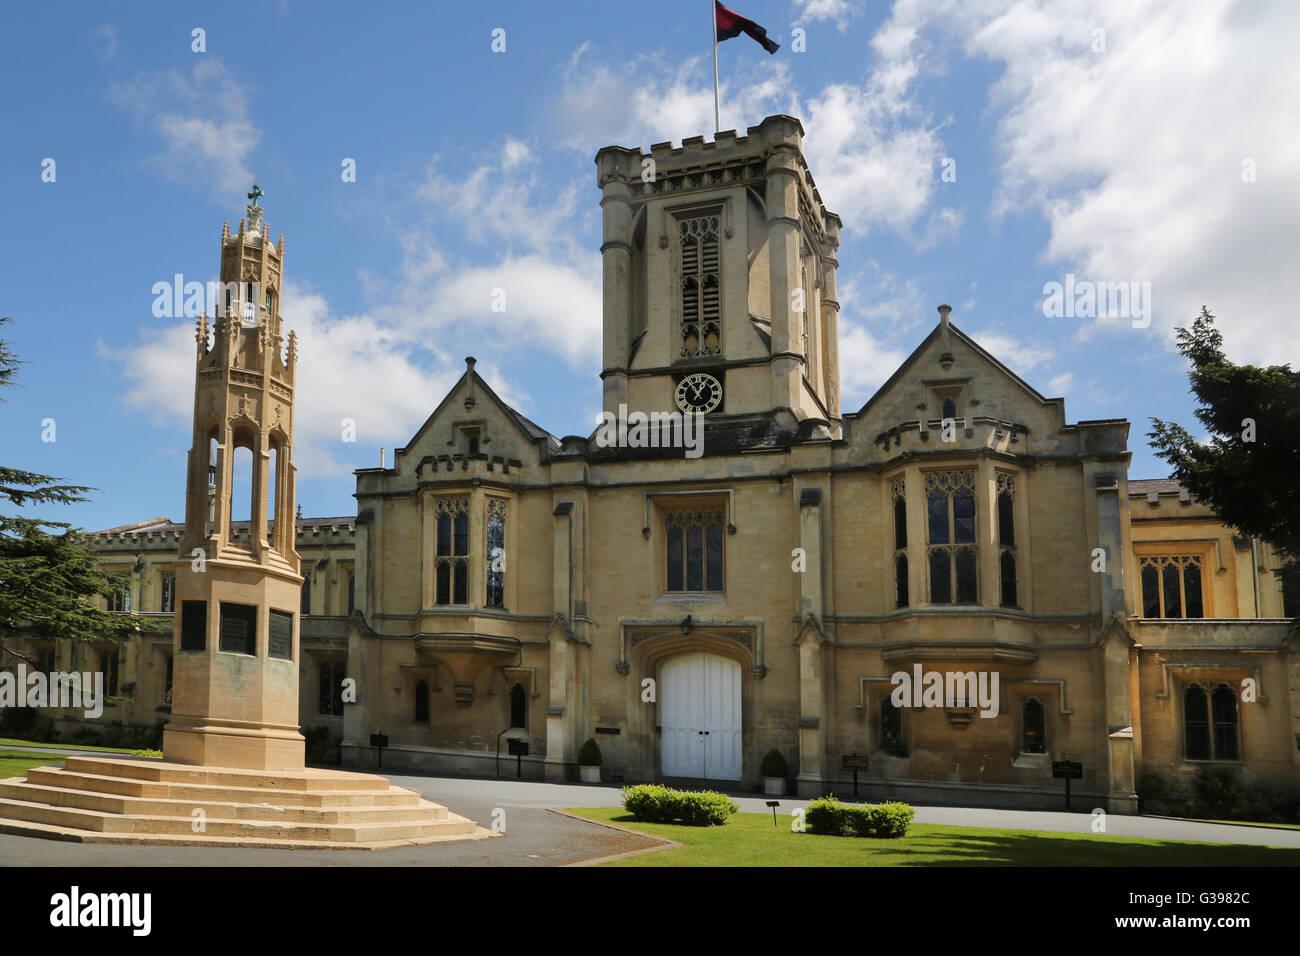 Cheltenham Gloucestershire England Cheltenham College Boer War Memorial Outside Reception - Stock Image